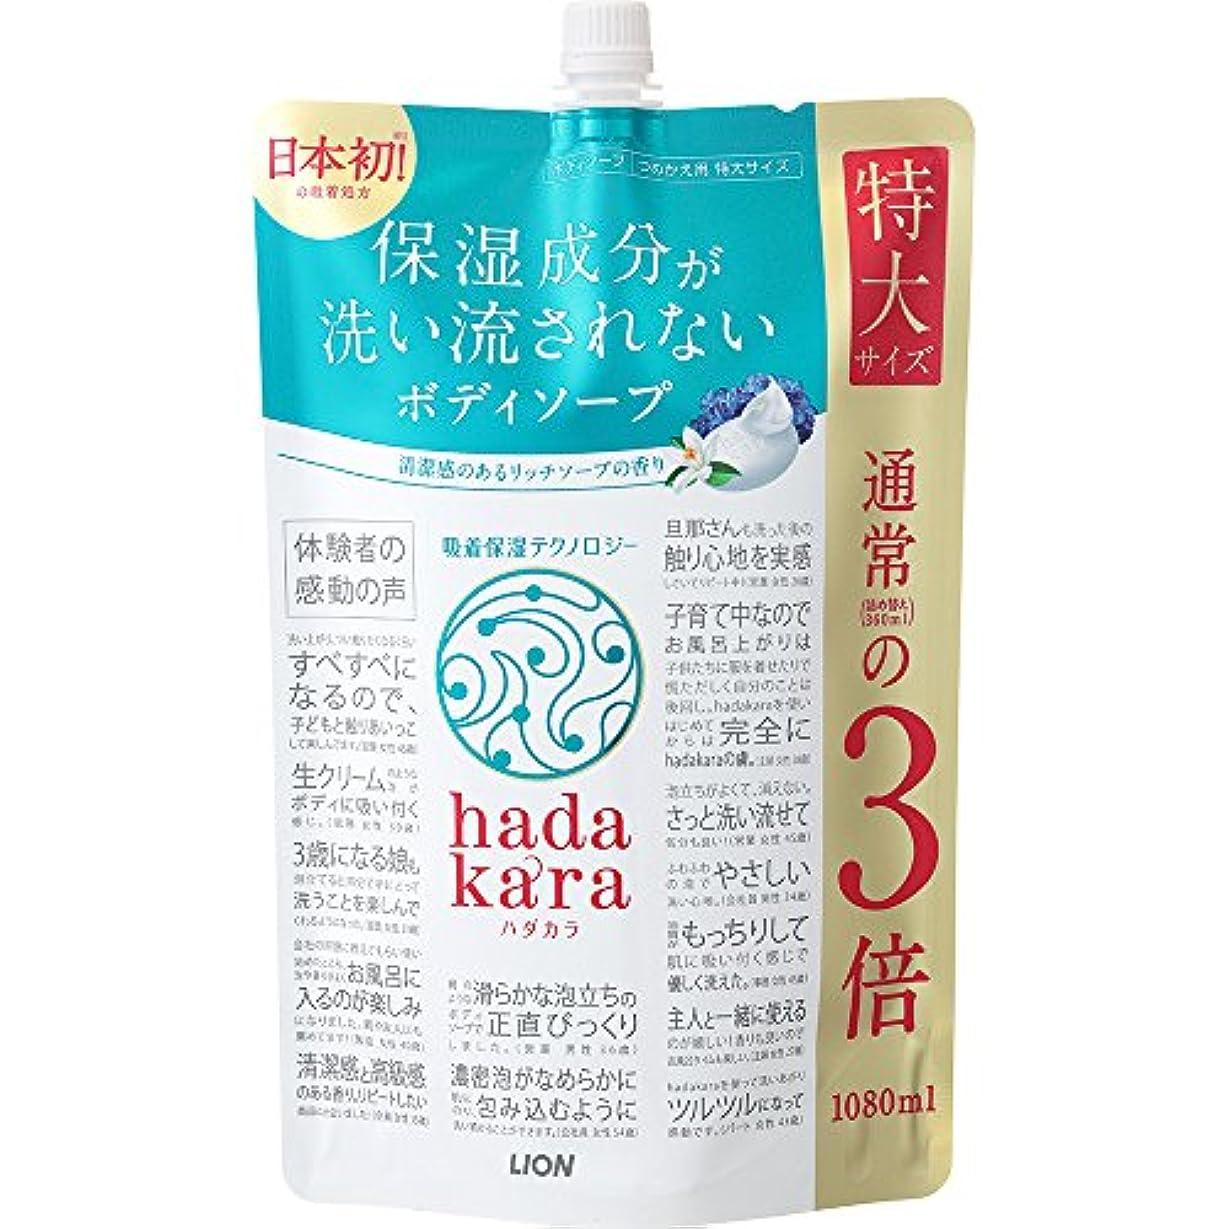 複雑な枠クリスチャン【大容量】hadakara(ハダカラ) ボディソープ リッチソープの香り 詰め替え 特大 1080ml